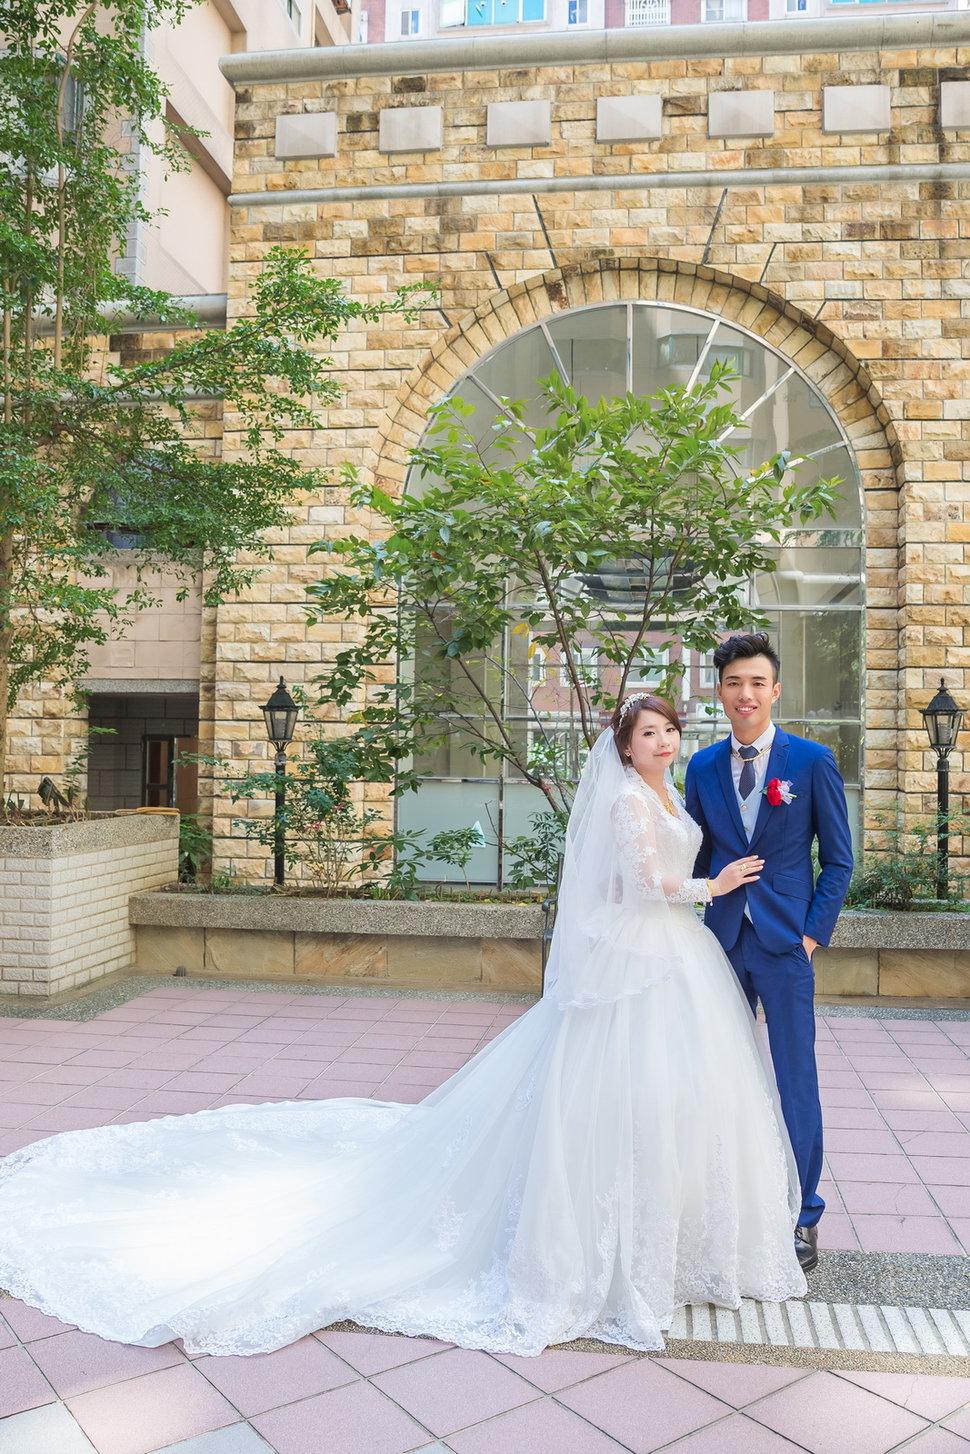 婚禮記錄- 南崁萬翔餐廳-婚攝阿卜(編號:400237) - 阿卜的攝影工作室 - 結婚吧一站式婚禮服務平台